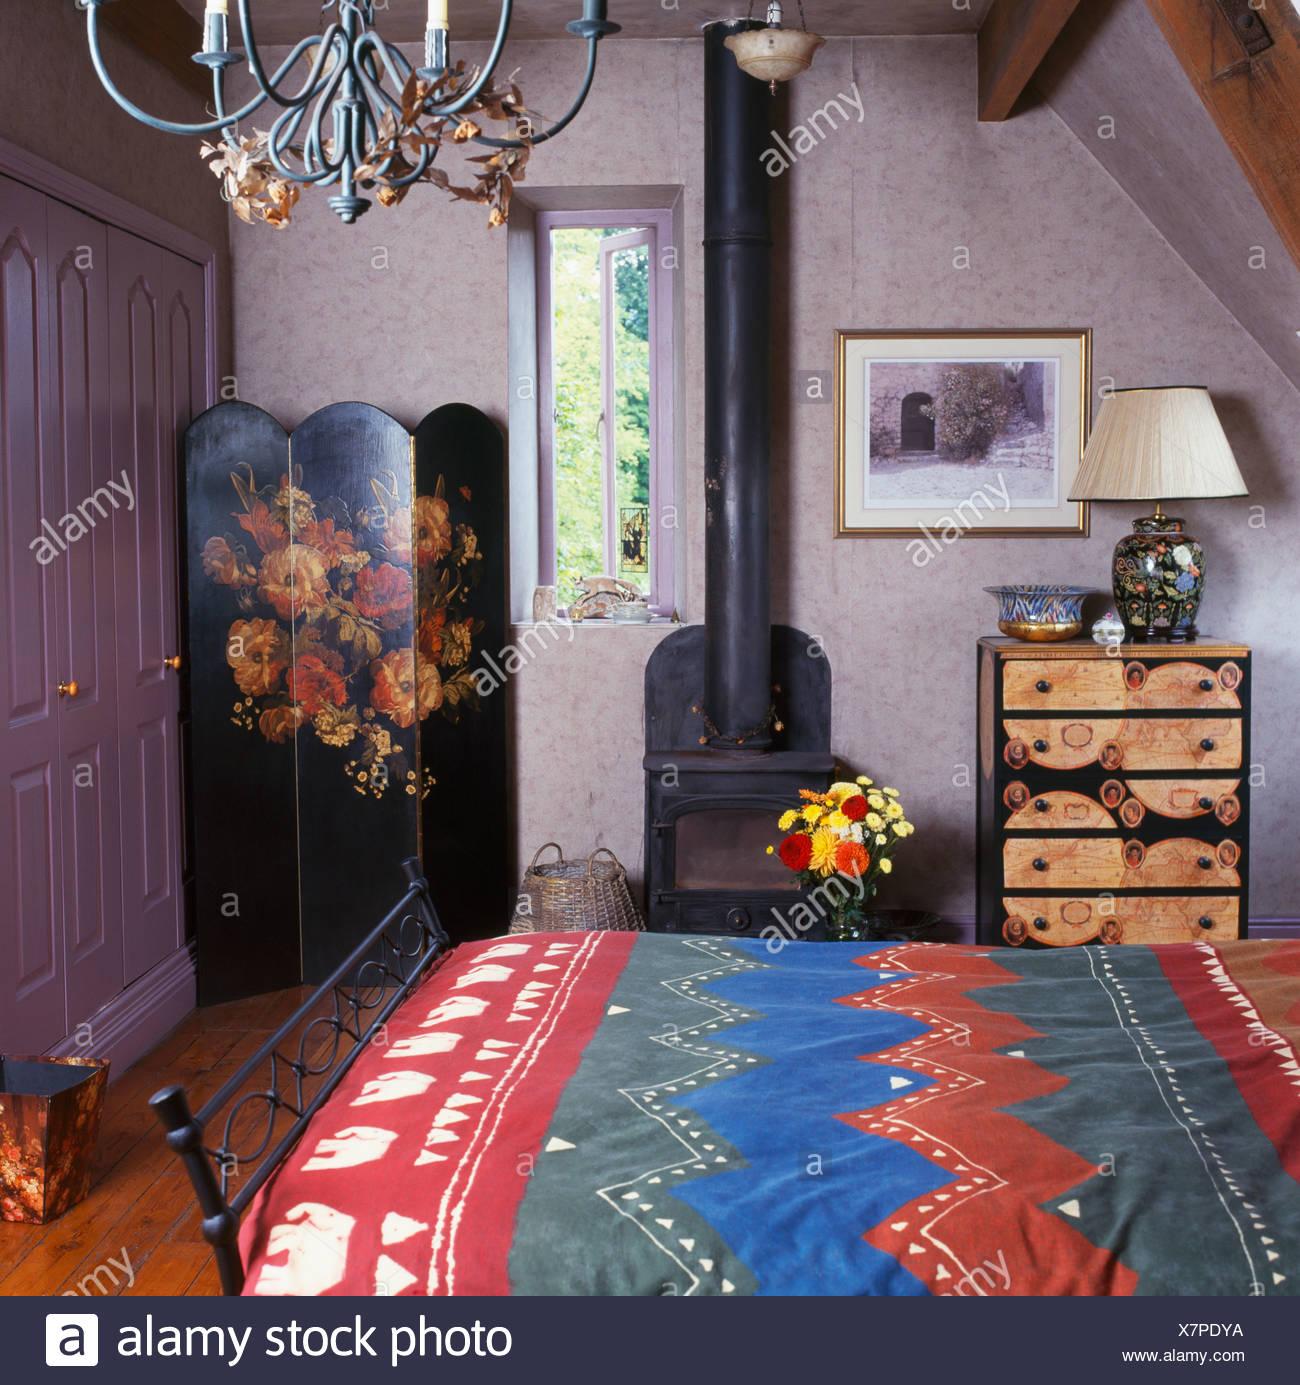 Schlafzimmer Bunt bunt gemusterten bettdecke im bett im schlafzimmer kleines land mit